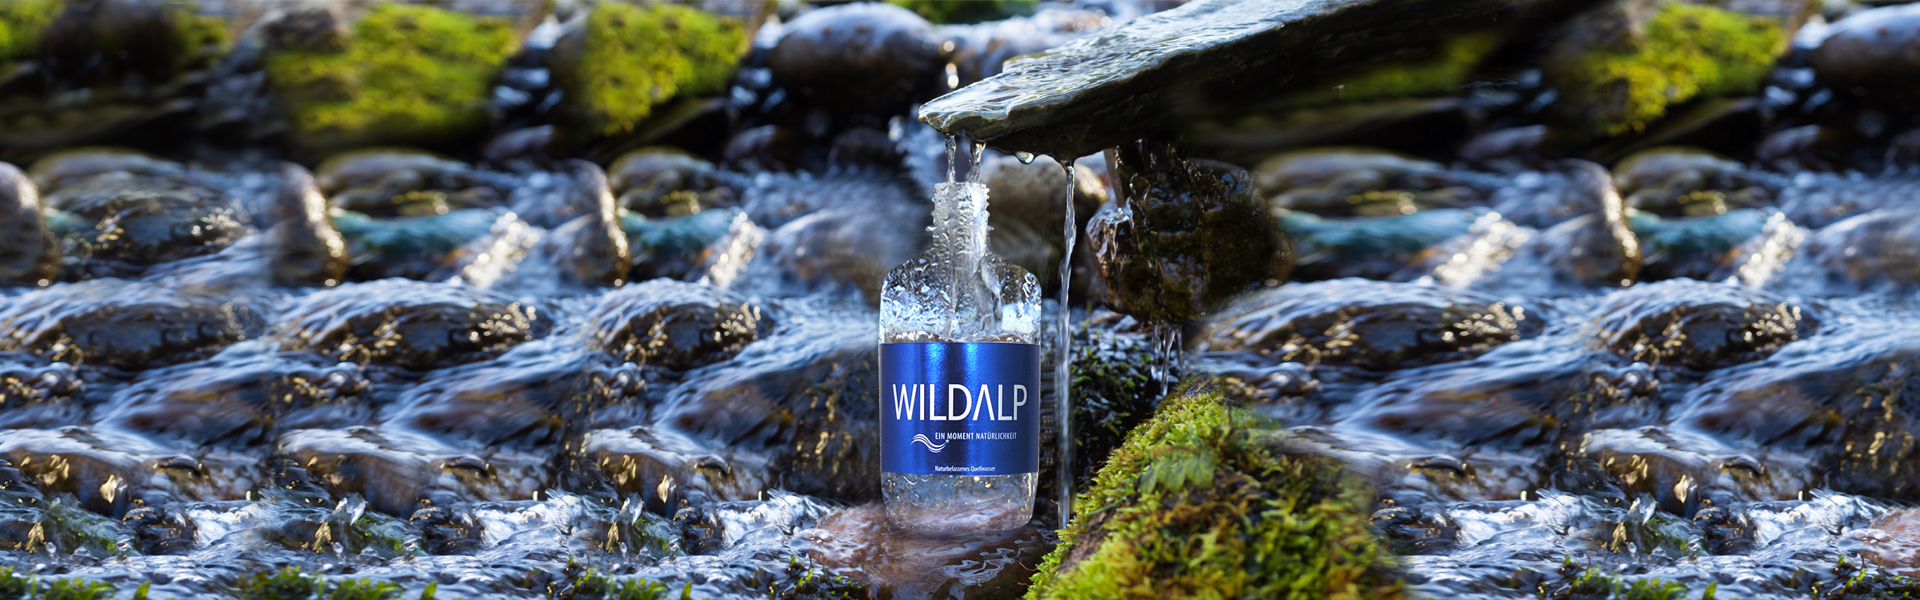 Quellwasser, Mineralwasser, Heilwasser der Unterschied